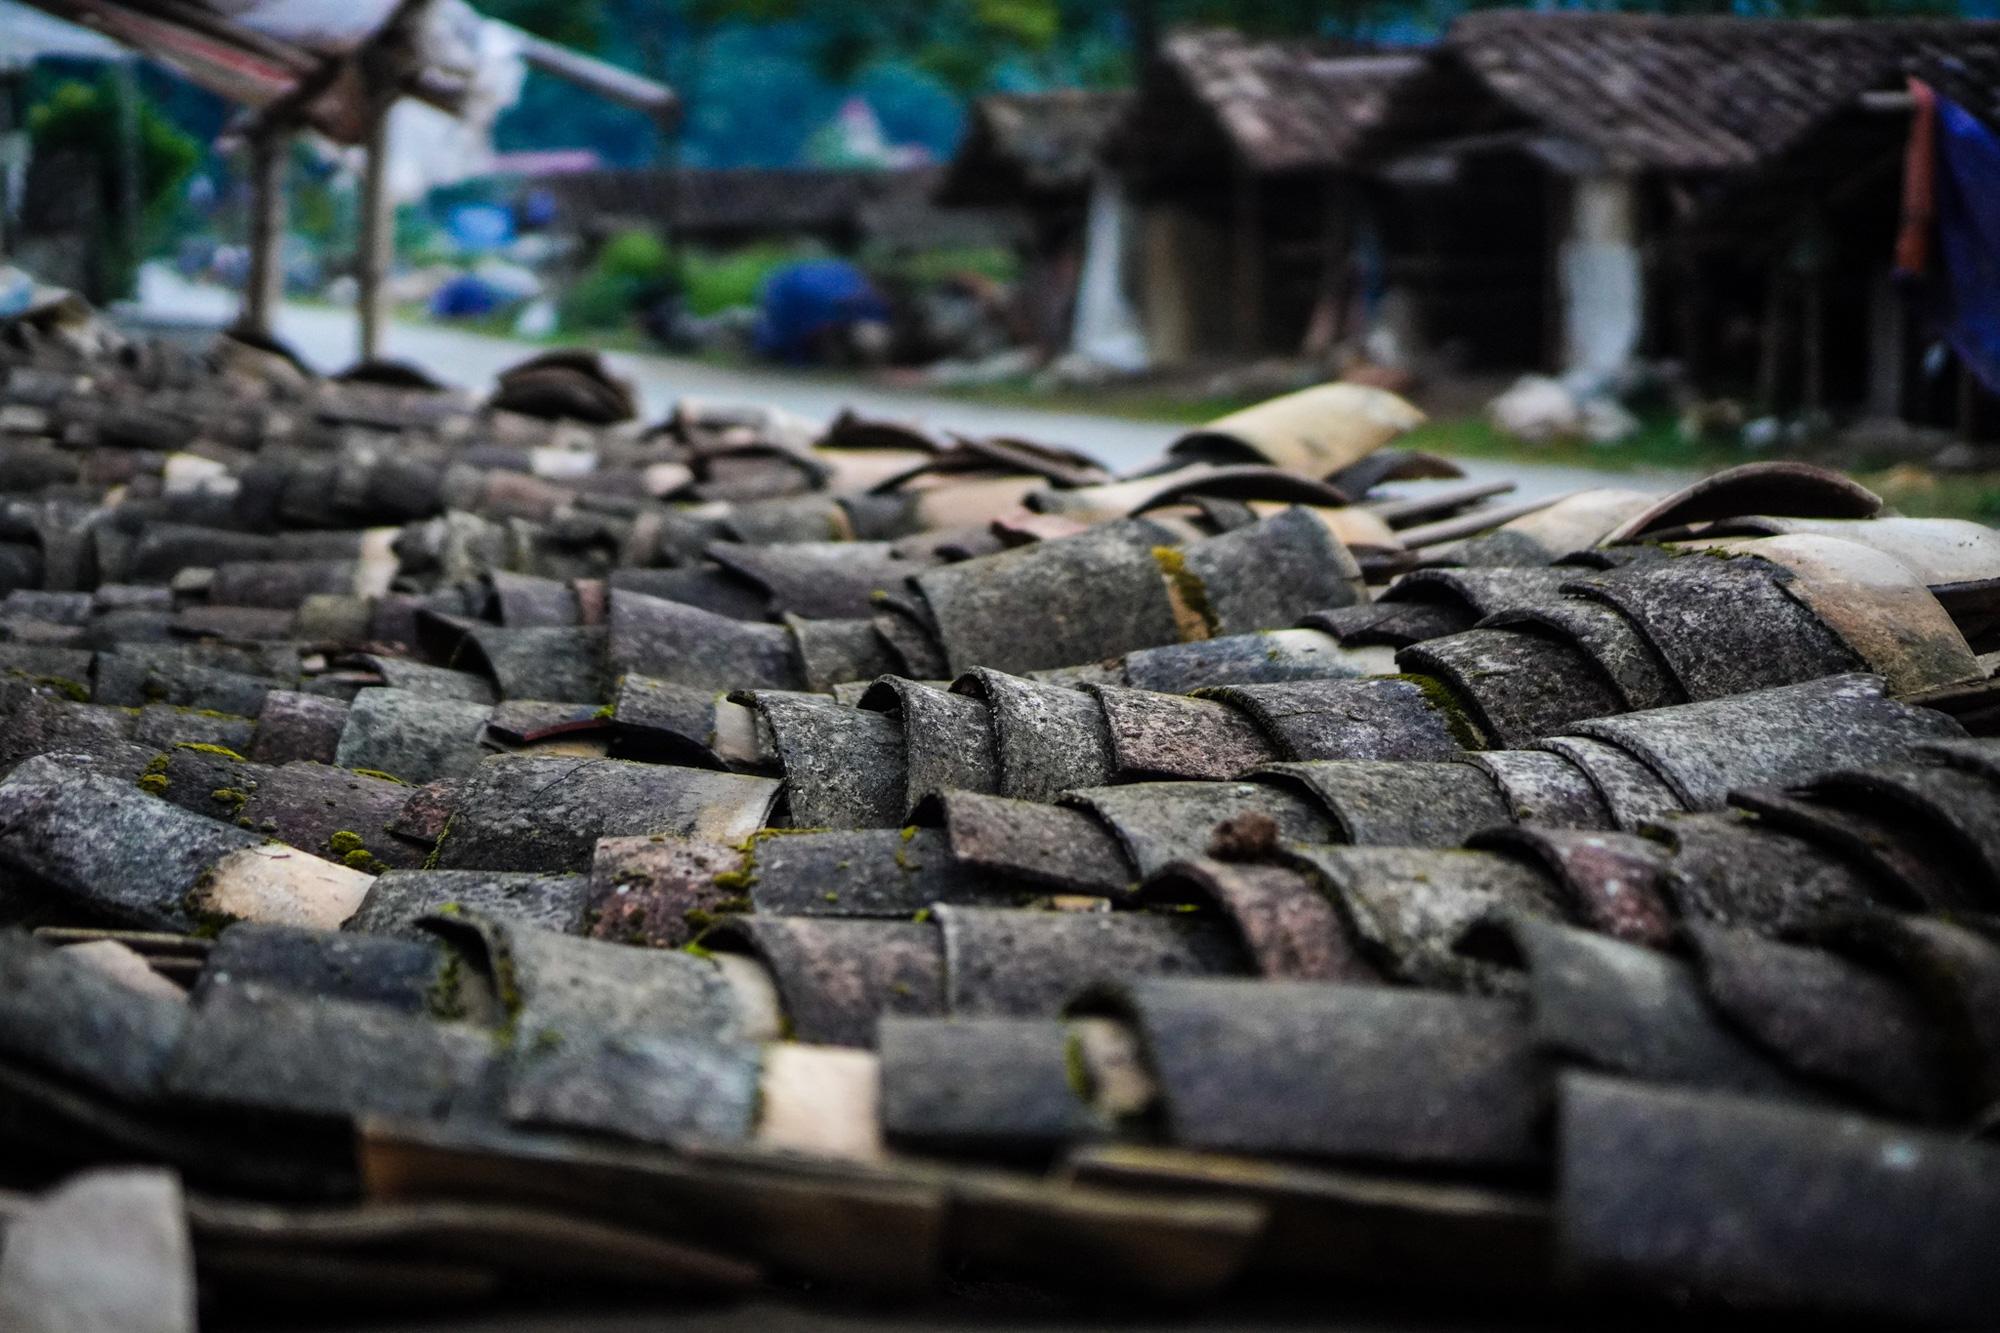 Ngôi làng cuối cùng giữ nghề làm ngói lưu ly ở miền biên viễn Lạng Sơn - Ảnh 2.